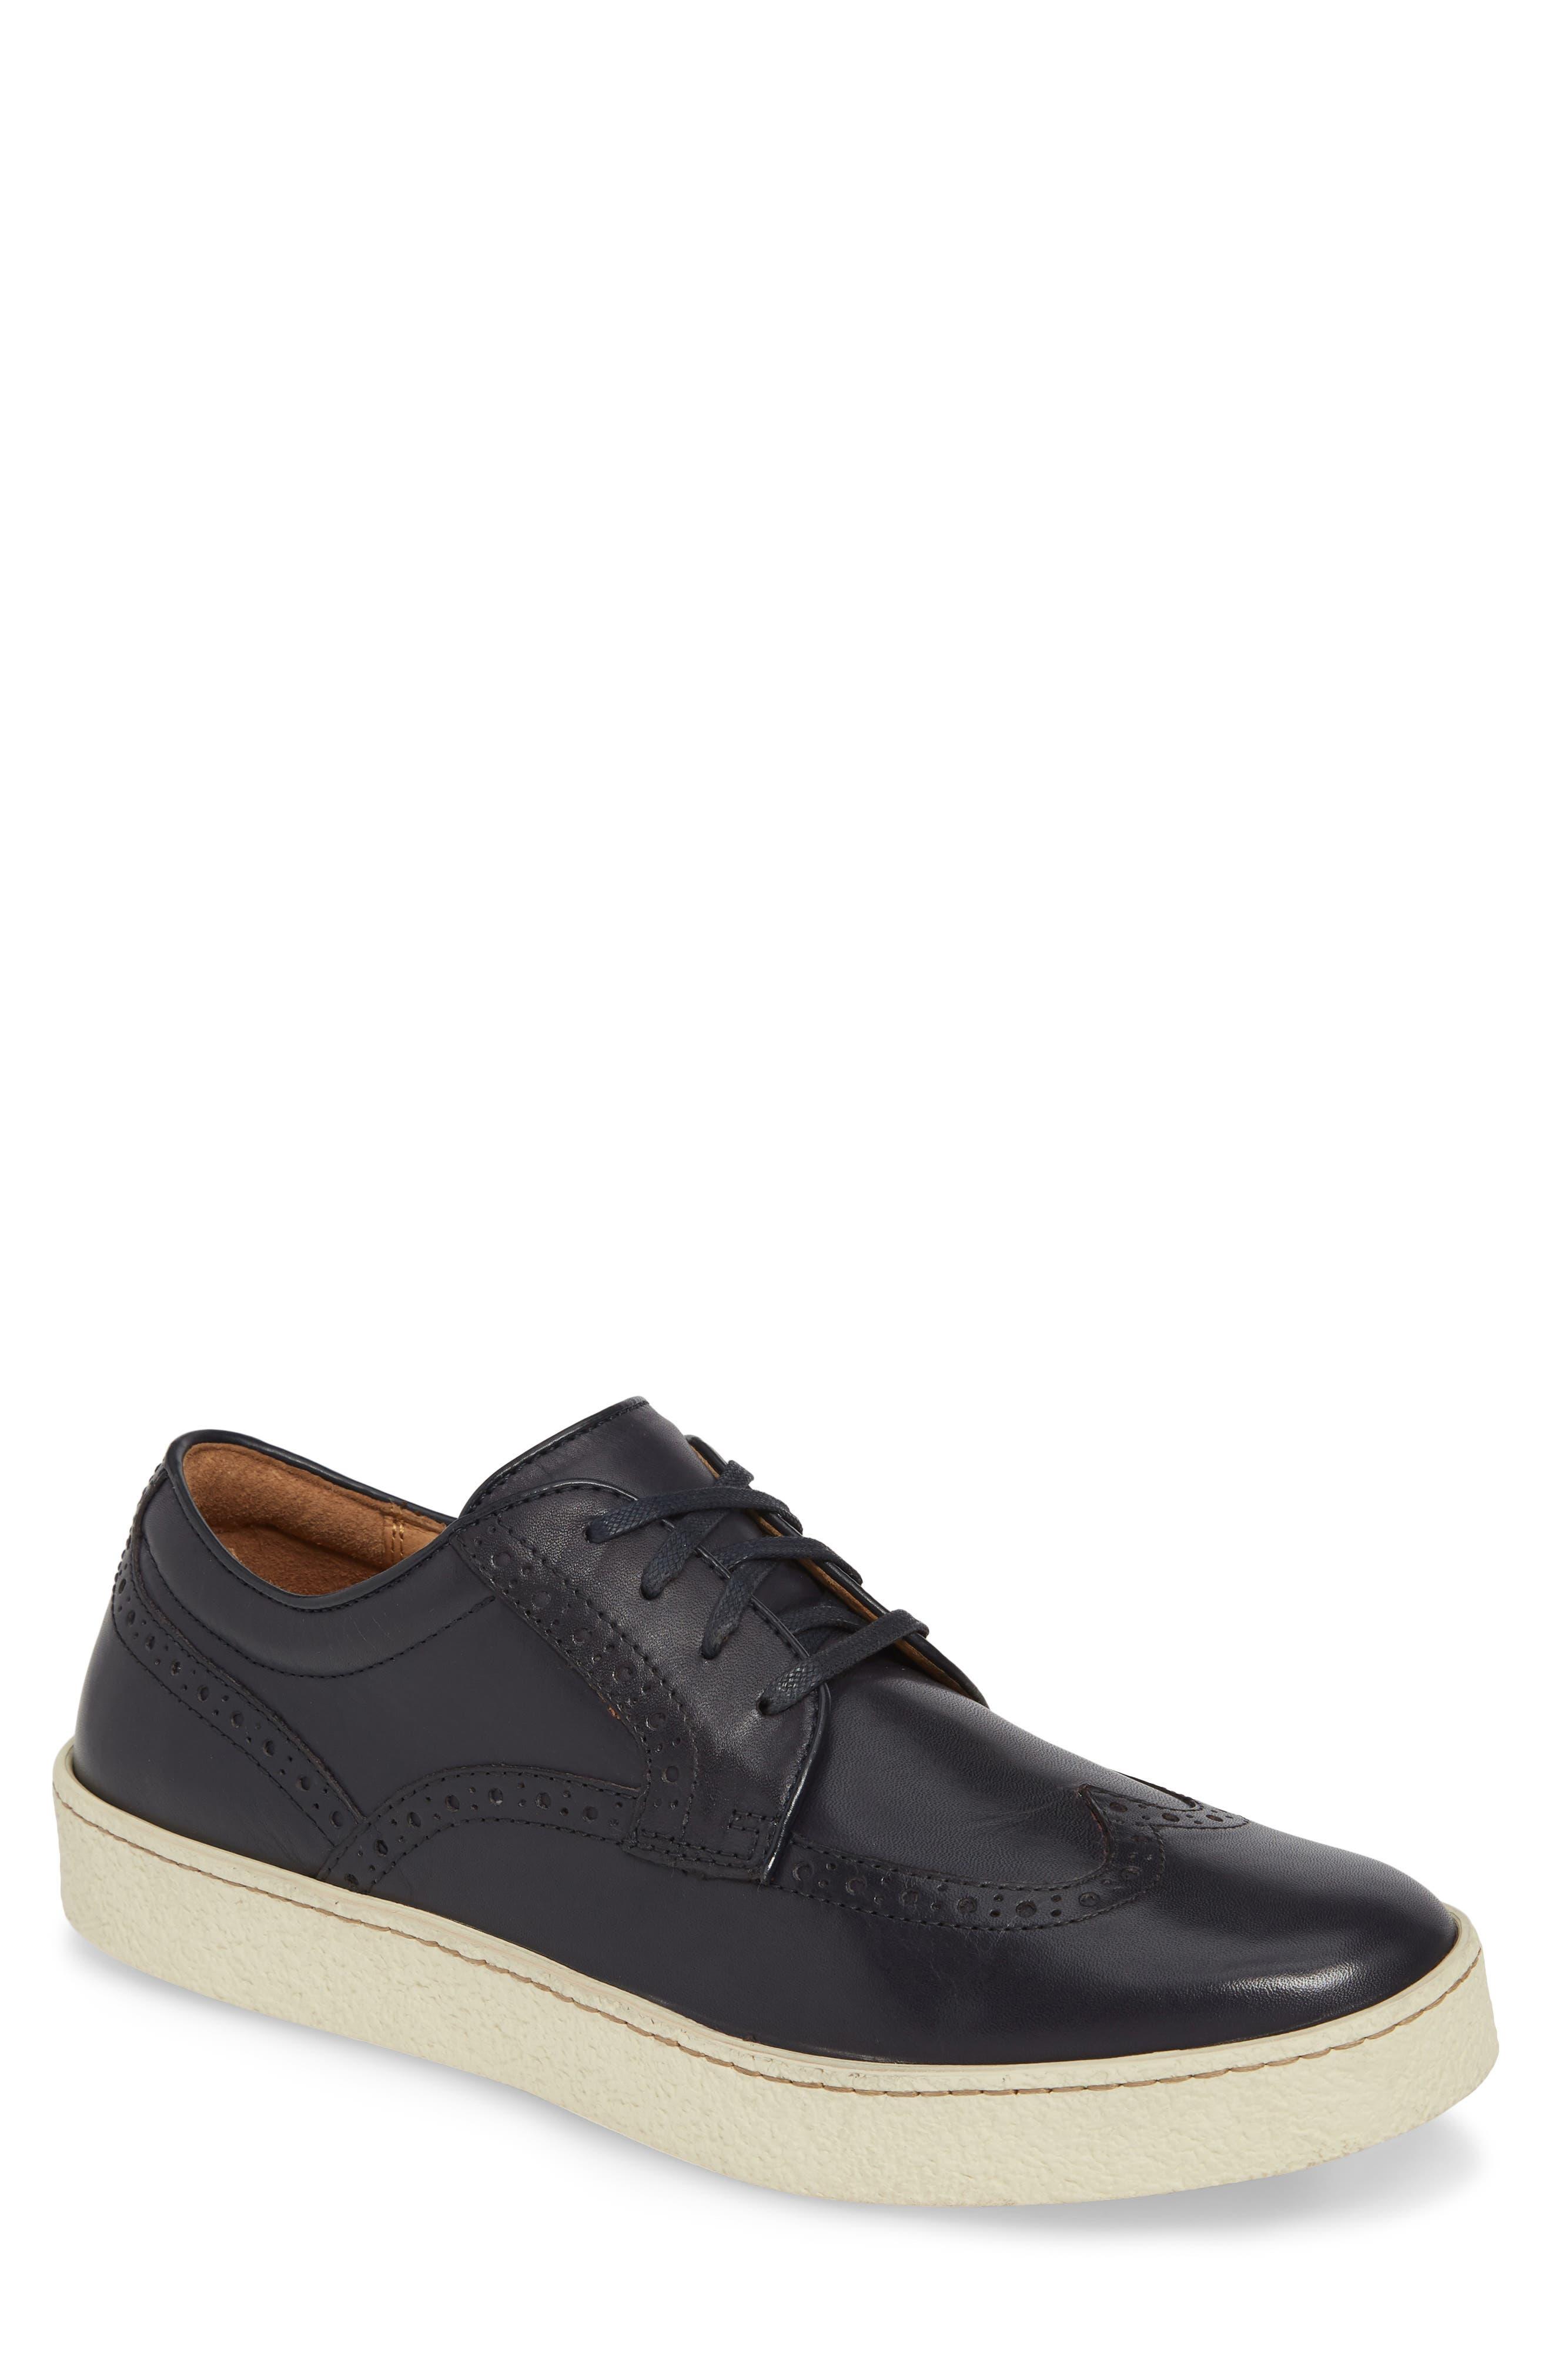 Donald Pliner Shoes MURPHY WINGTIP